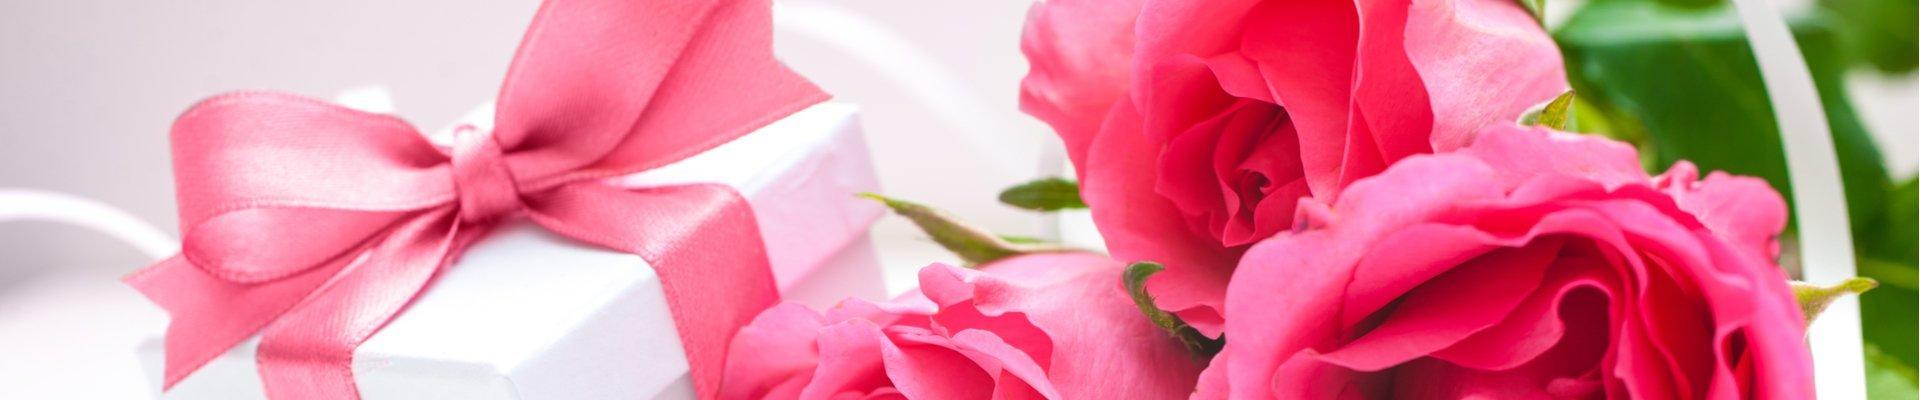 pacchetto regalo mamma rose